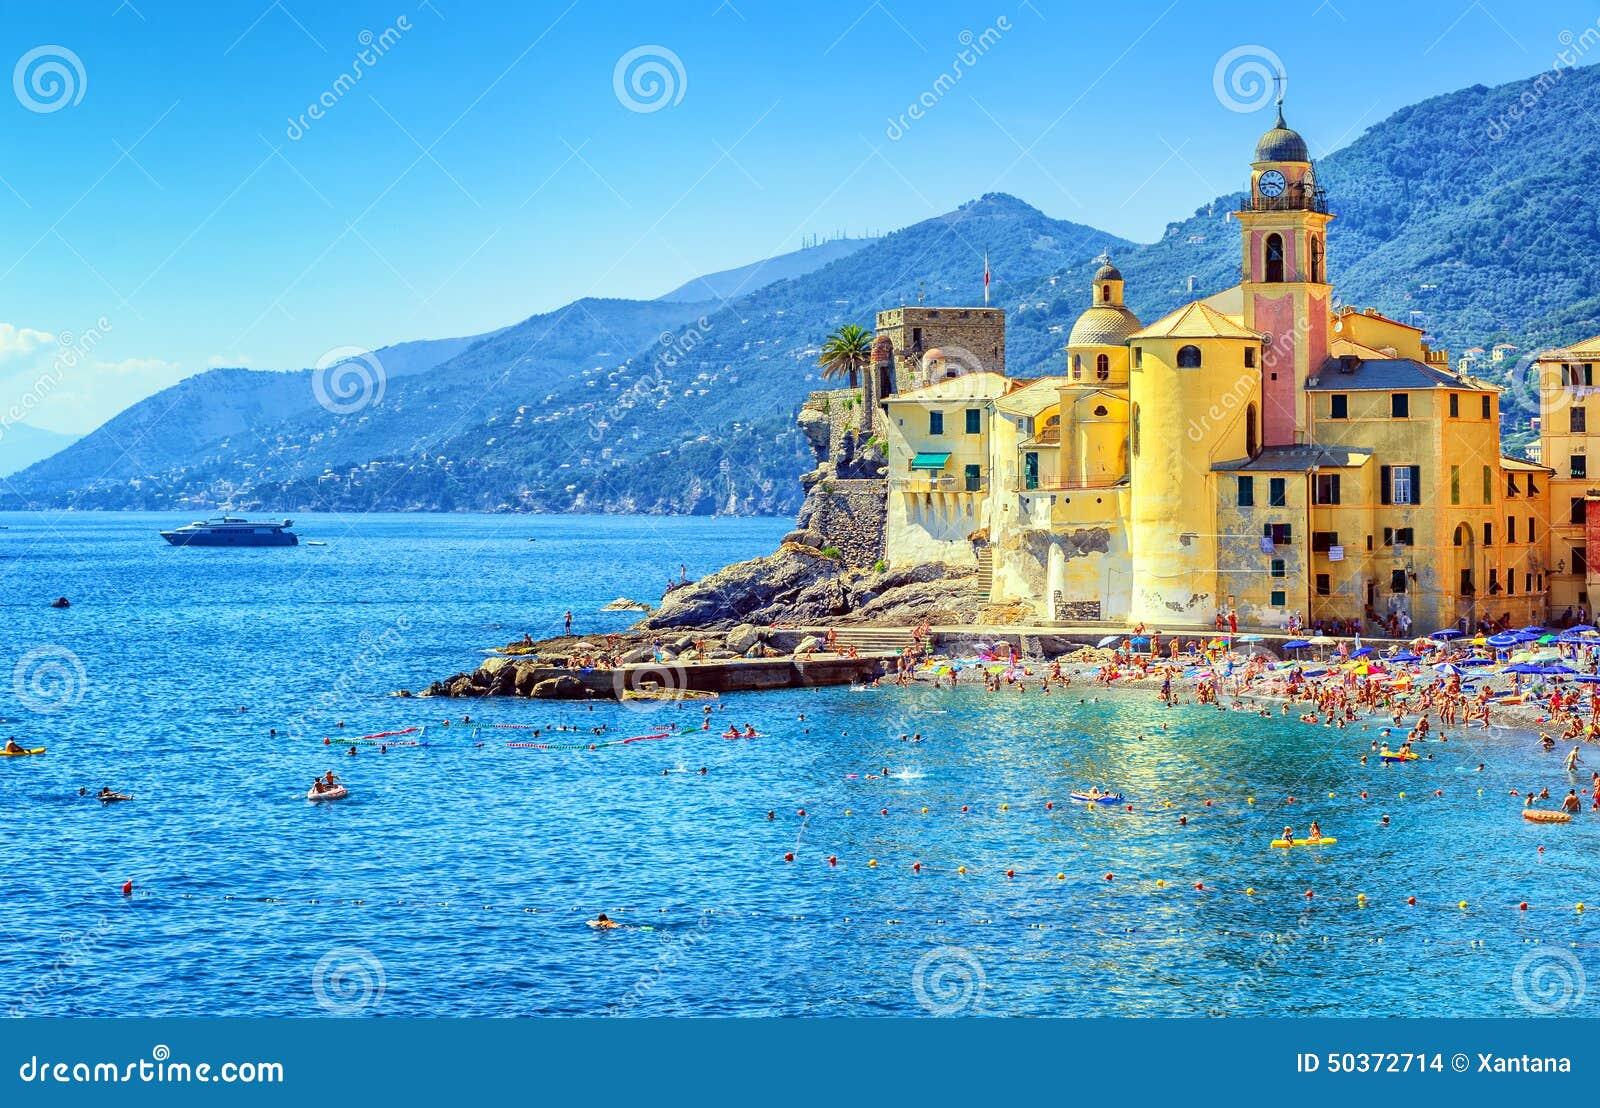 Italien Karta Genova.Camogli Nara Genova Italien Arkivfoto Bild Av Solsken Utomhus